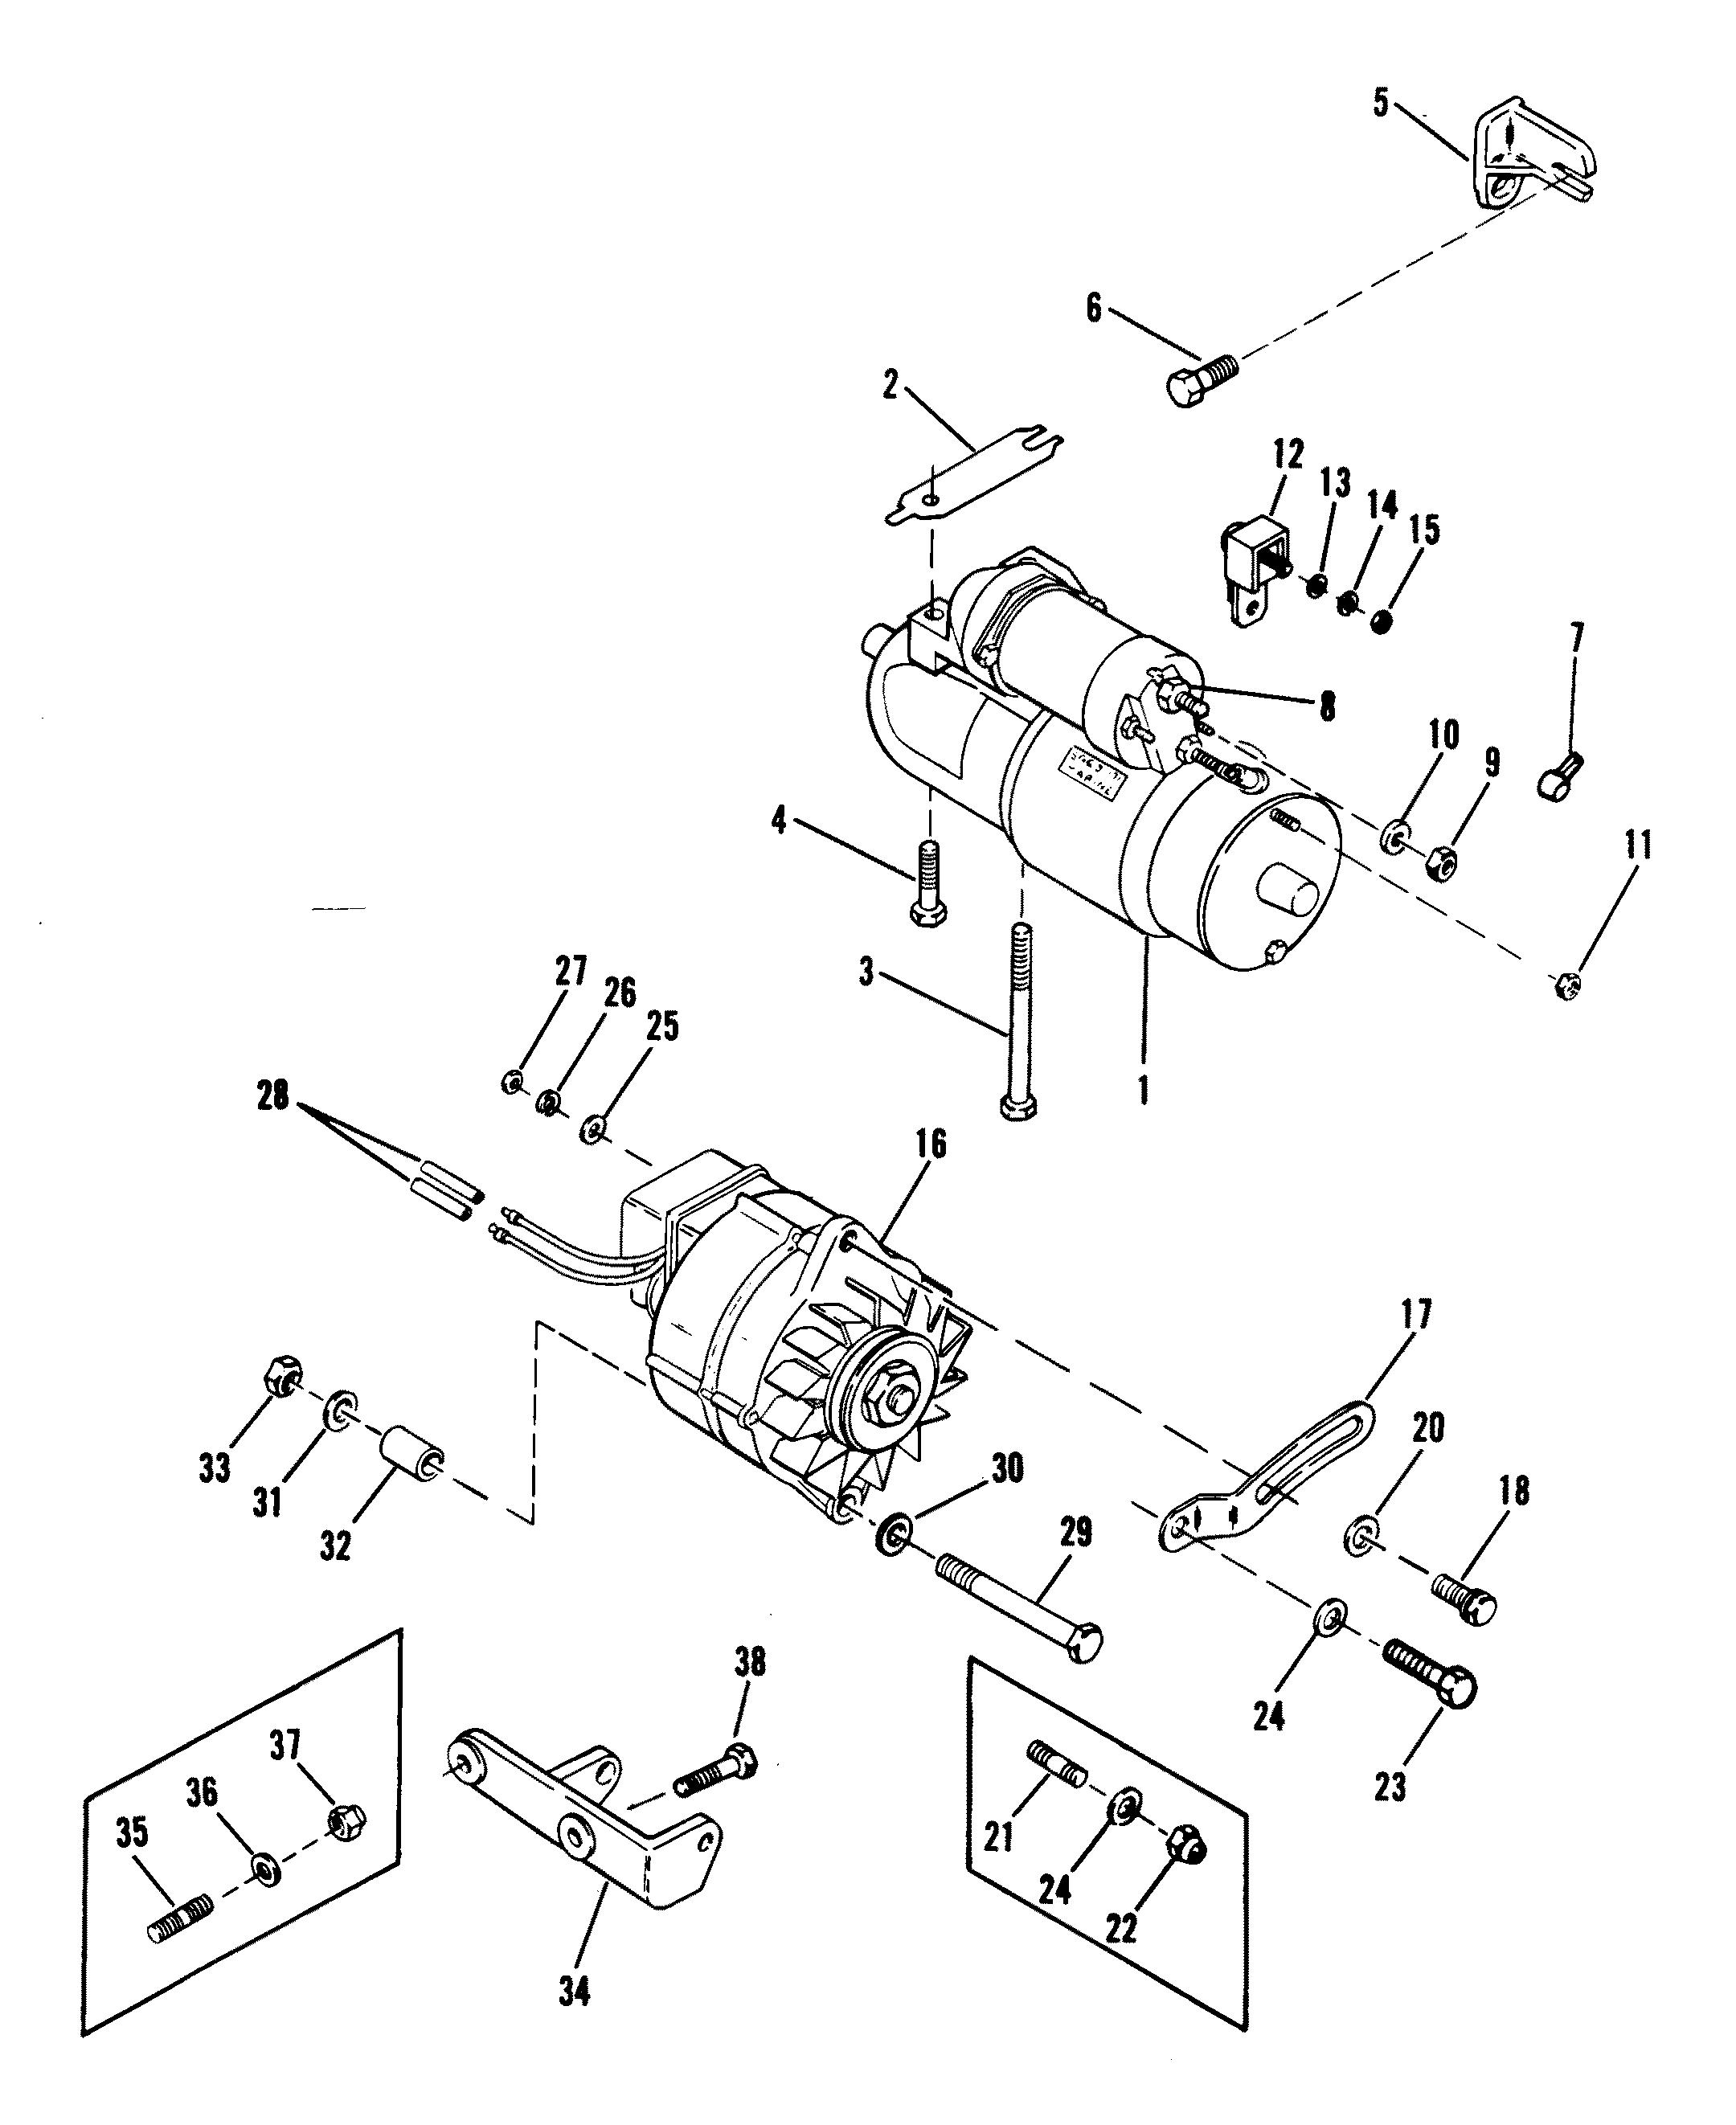 Mercruiser 3.0 Starter Wiring Diagram from i2.wp.com